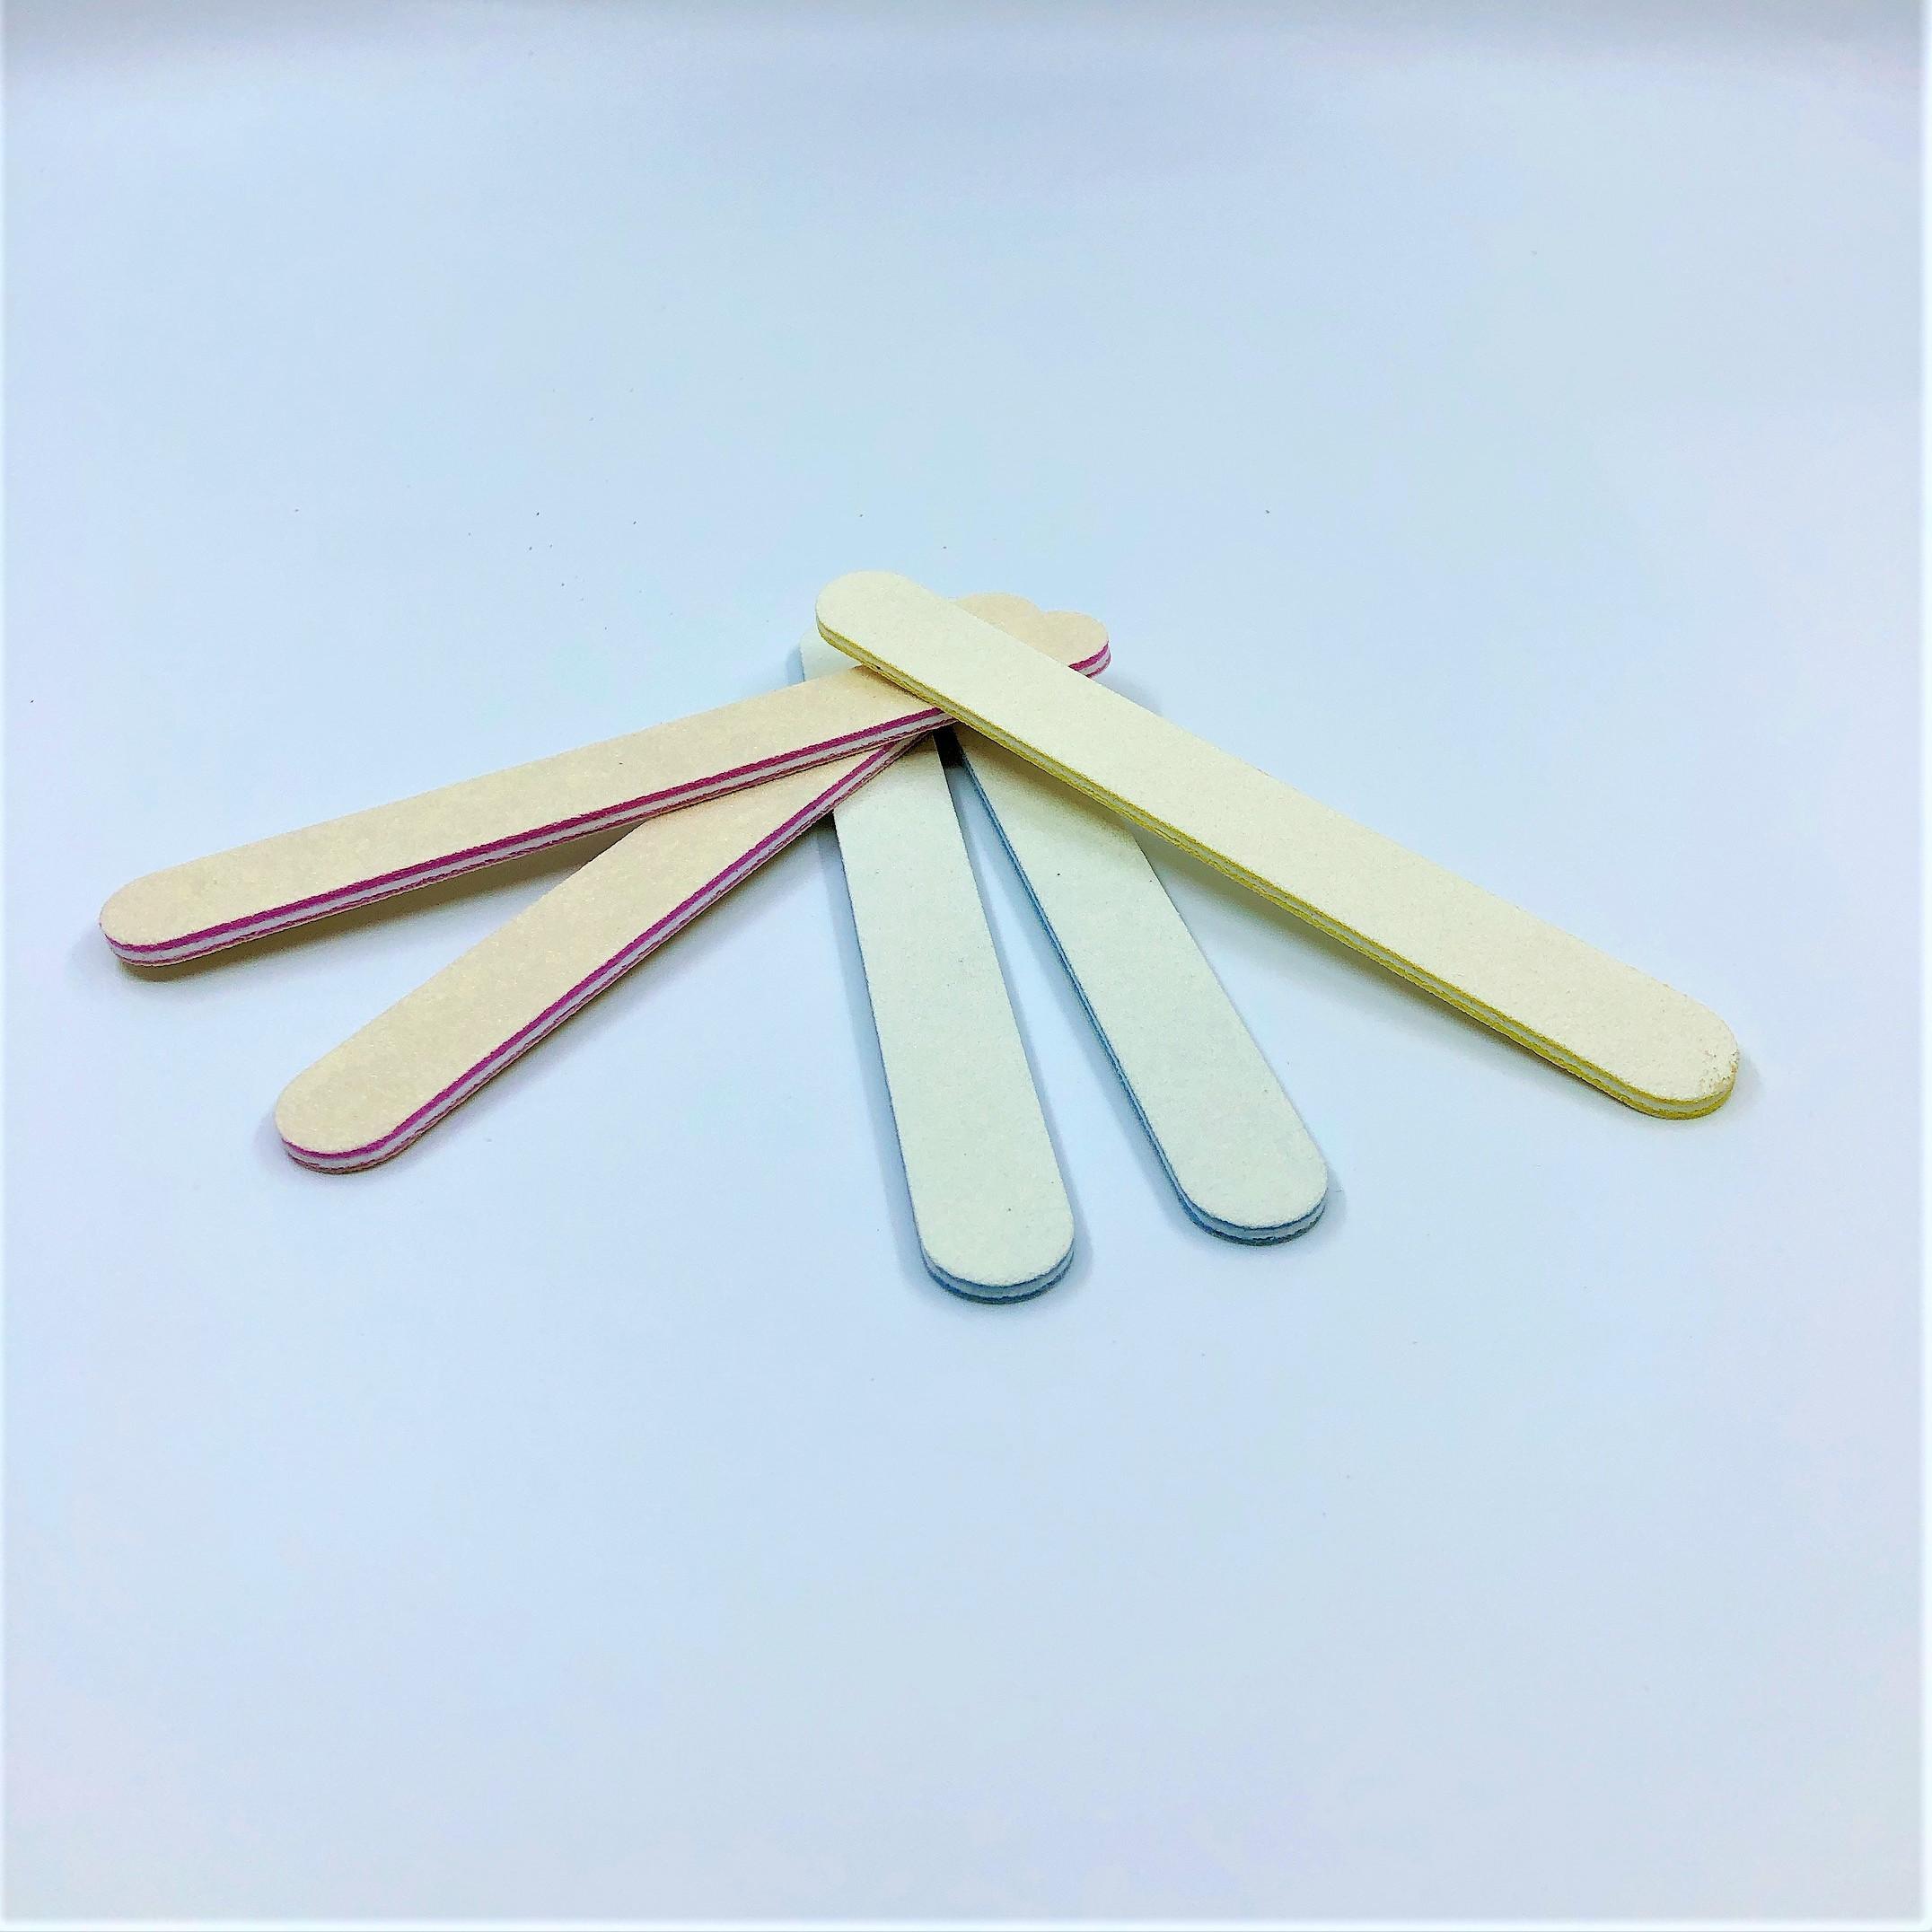 Set 10 cây dũa móng tay mini lót mút êm -  độ nhám 120/120 - Giao màu ngẫu nhiên